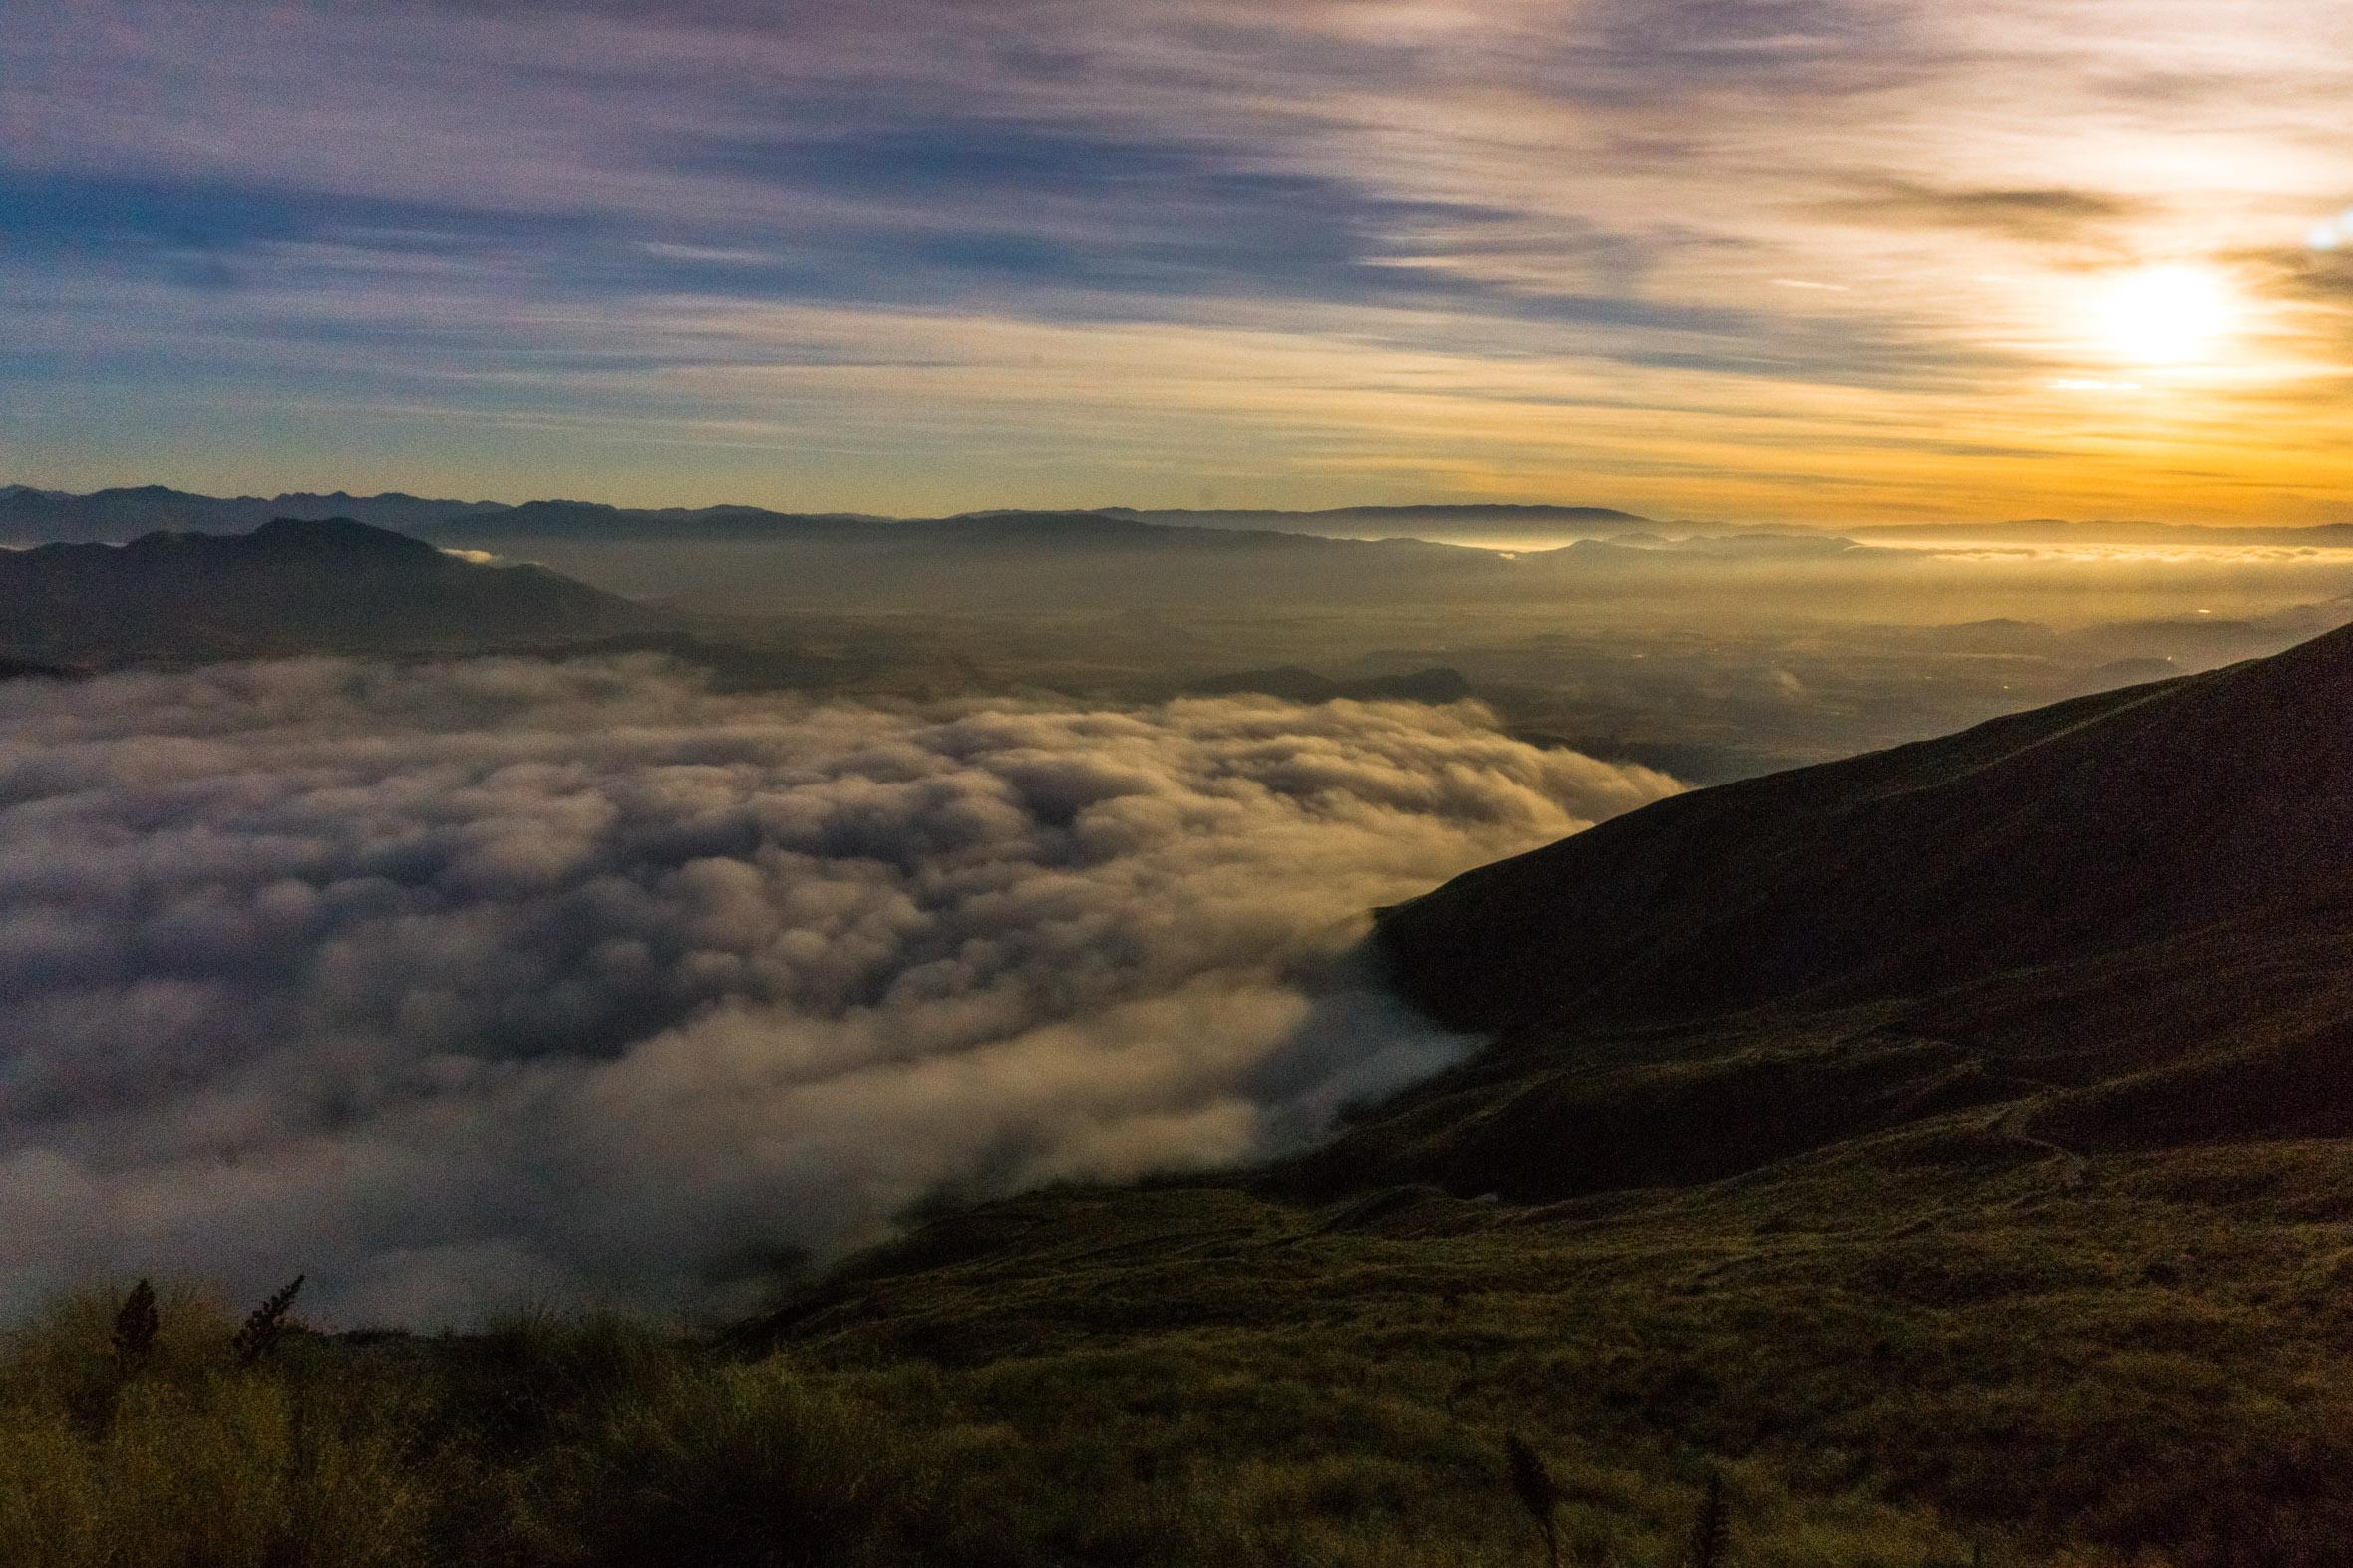 Sonnenaufgang auf dem Roys Peak in Neuseeland